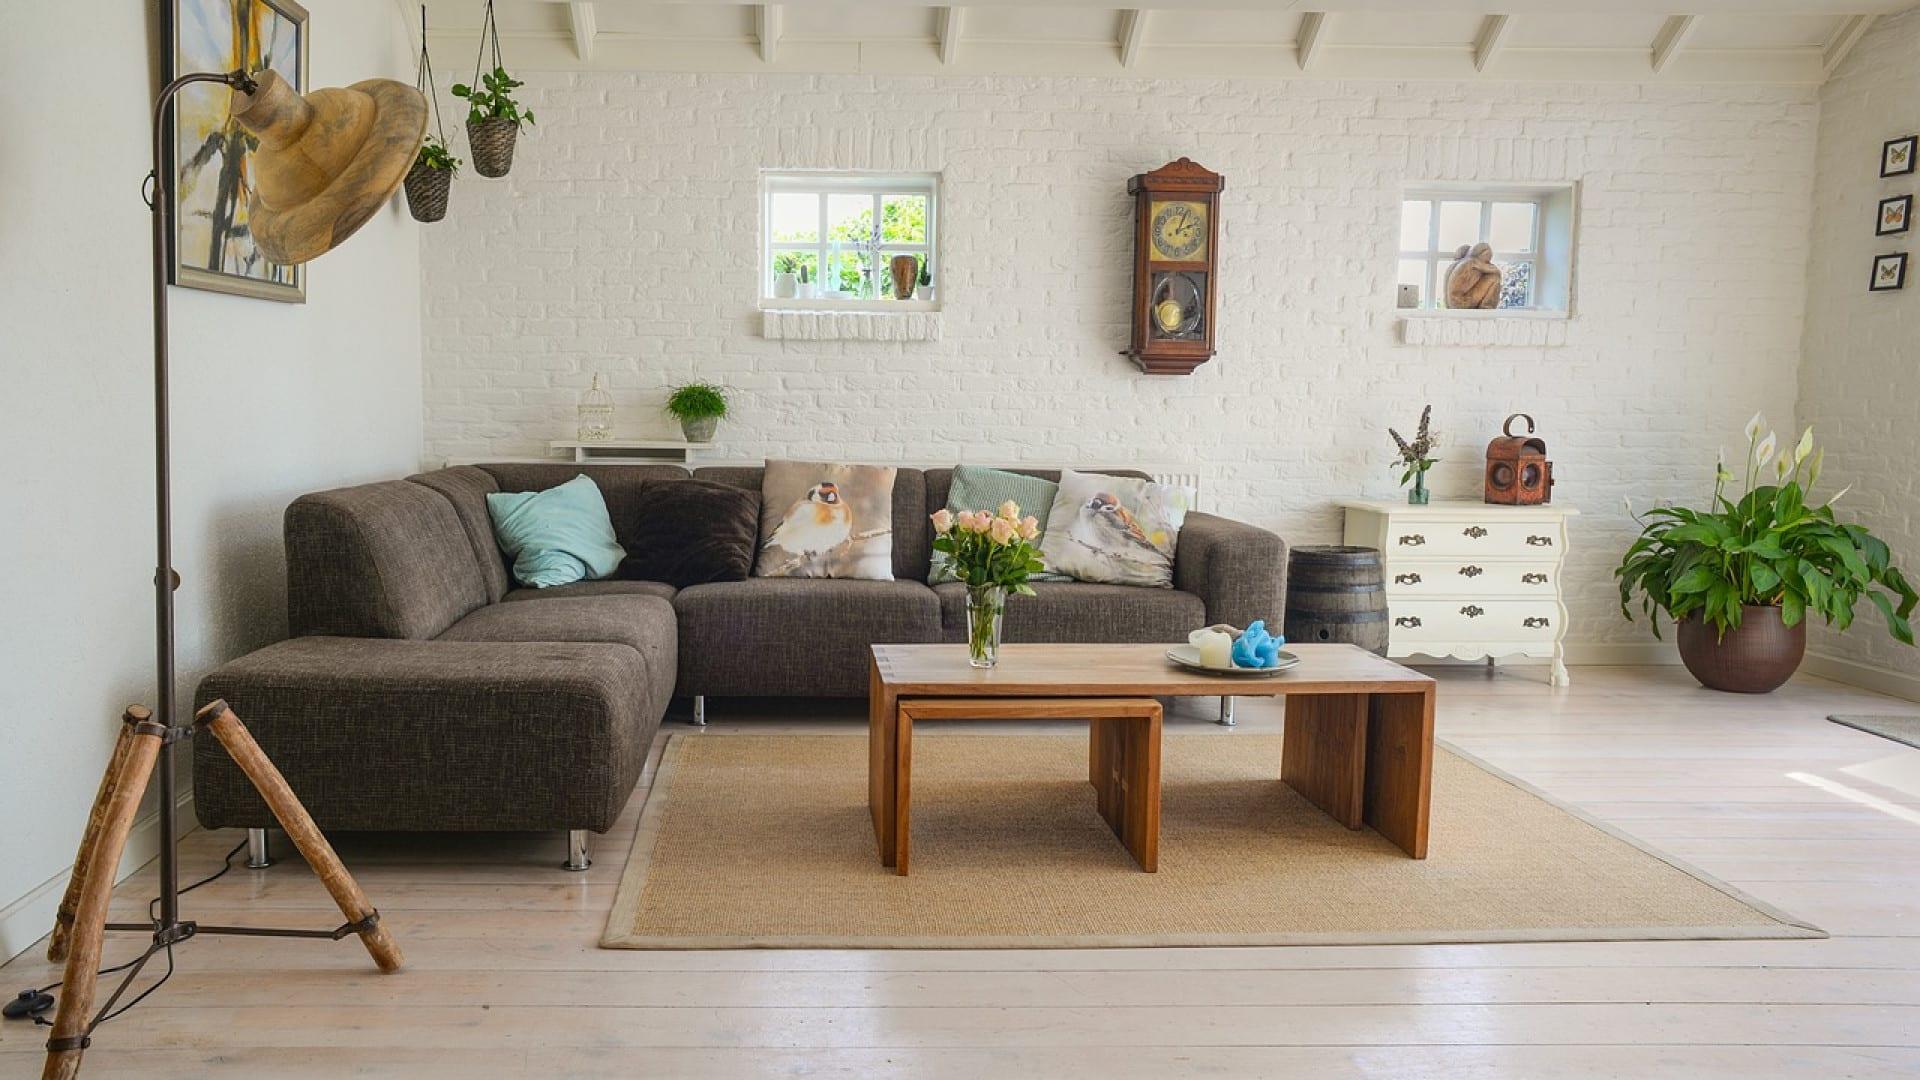 Comment rendre votre appartement attrayant ?